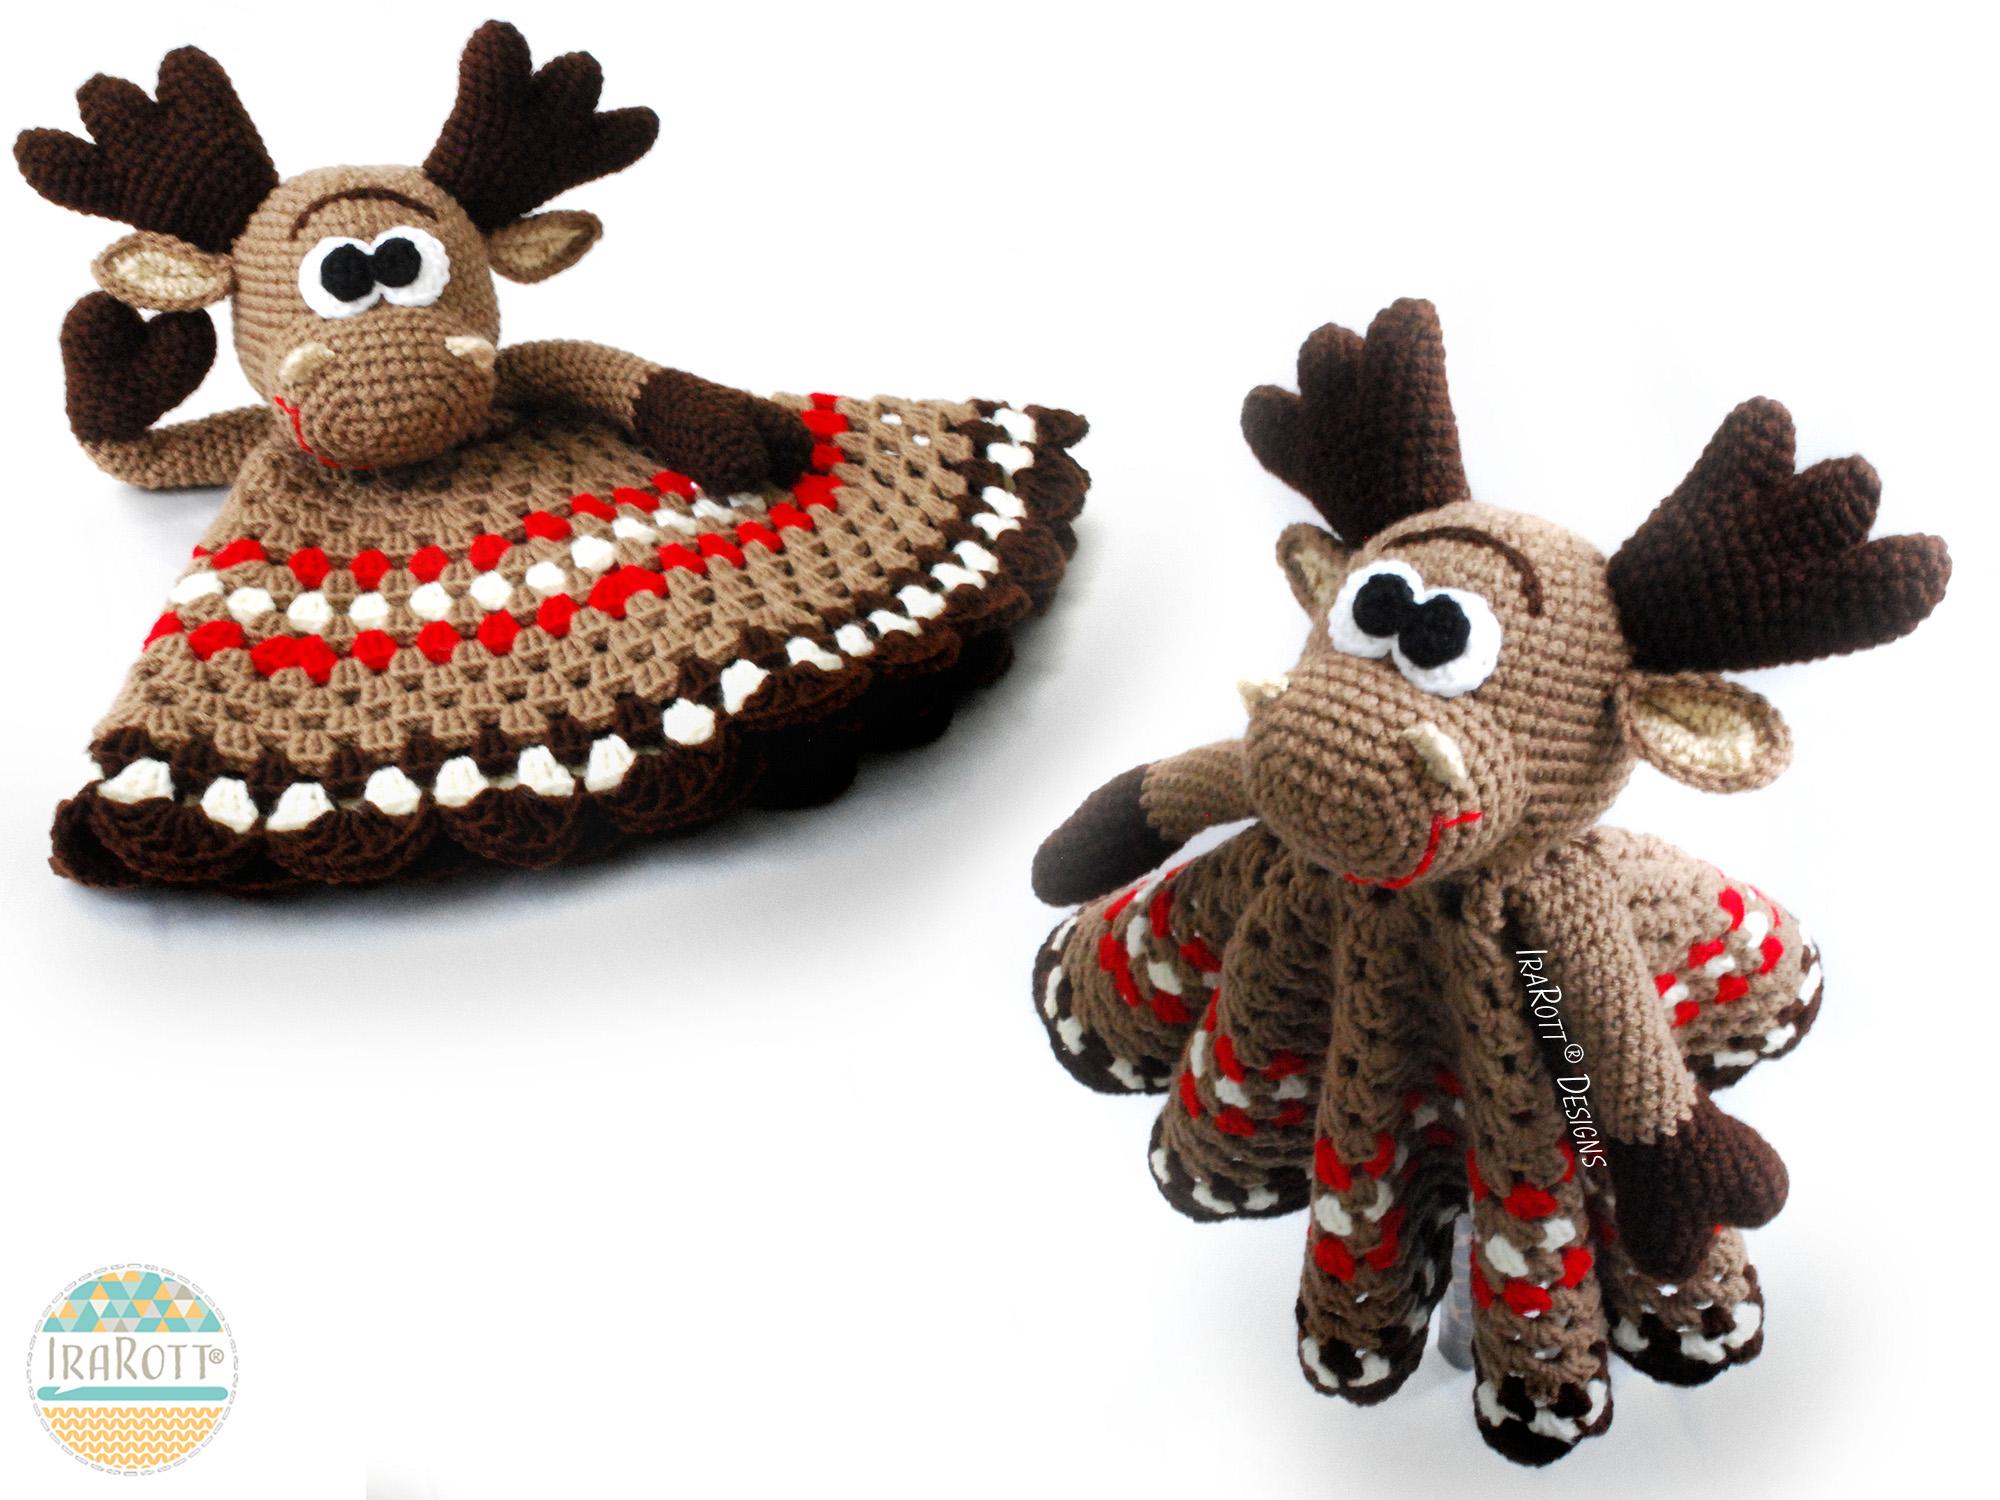 Eh Moose Snuggle Blankey Security Blanket Pdf Crochet Pattern